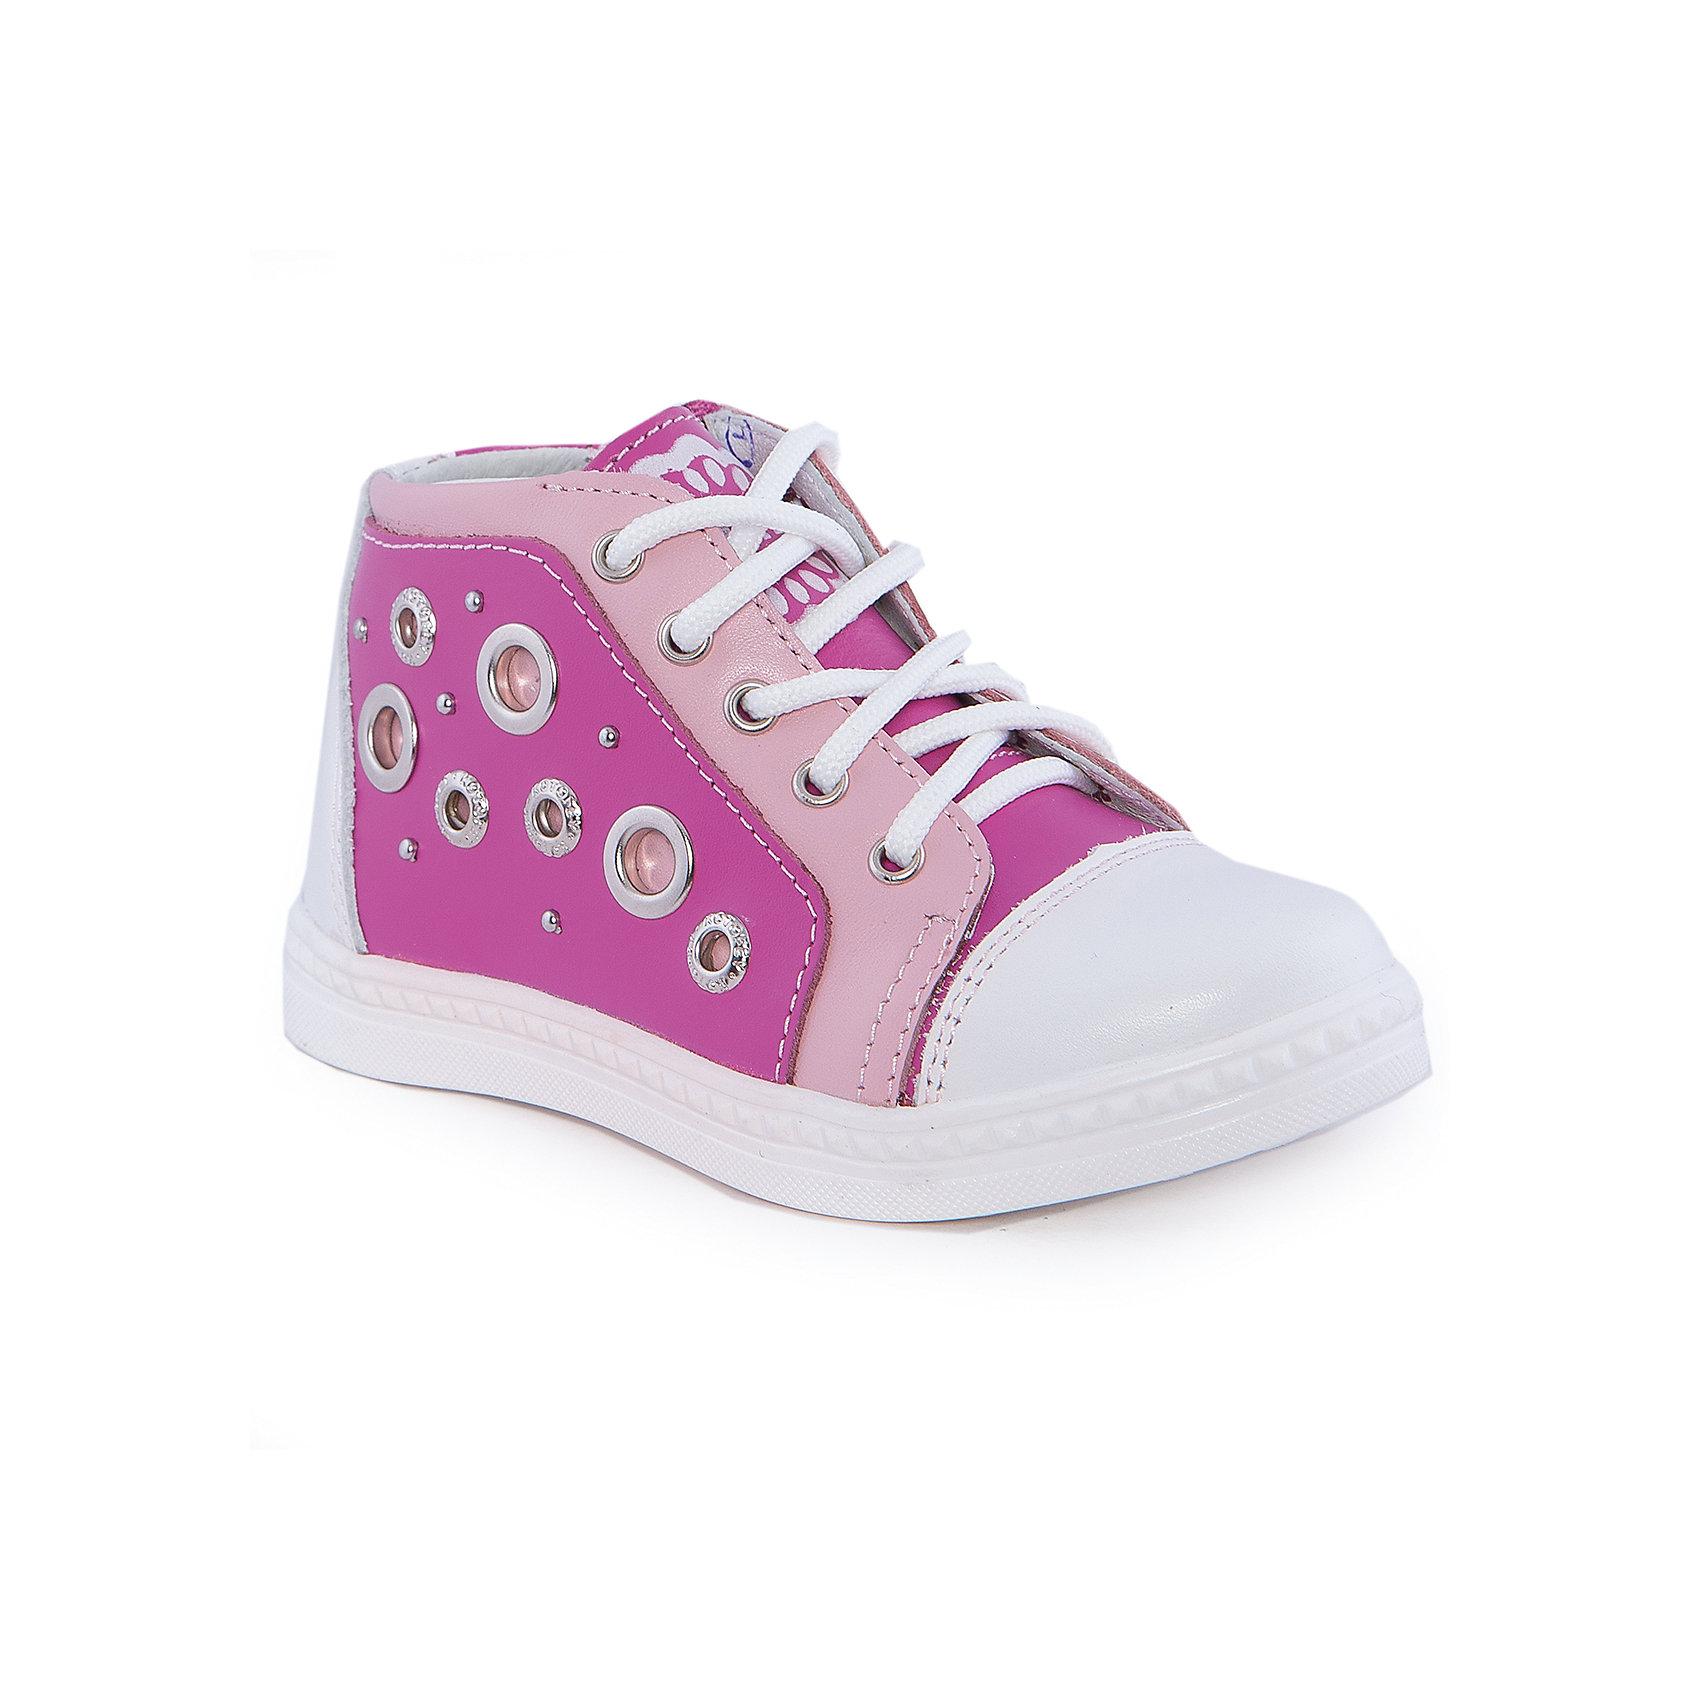 Ботинки для девочки КотофейБотинки для девочки от известного российского бренда Котофей <br><br>Стильные ботинки изготовлены из натуральной кожи, выполнены в красивой расцветке. <br>Верх сделан из материала, обеспечивающего ногам комфорт. Толстая рифленая подошва позволяет избегать скольжения практически на любой поверхности.<br><br>Особенности модели:<br><br>- цвет: белый, розовый;<br>- устойчивая подошва;<br>- декорированы перфорацией, принтом и клепками;<br>- застежка: шнуровка, молния;<br>- вид крепления обуви: клеевой;<br>- анатомическая стелька;<br>- качественные материалы;<br>- защита пальцев и пятки;<br>- модный дизайн.<br><br>Дополнительная информация:<br><br>Температурный режим: от 0° до +15°С.<br><br>Состав: <br><br>верх - натуральная кожа;<br>подкладка - кожа;<br>подошва - ТЭП.<br><br>Ботинки для девочки Котофей можно купить в нашем магазине.<br><br>Ширина мм: 262<br>Глубина мм: 176<br>Высота мм: 97<br>Вес г: 427<br>Цвет: белый<br>Возраст от месяцев: 21<br>Возраст до месяцев: 24<br>Пол: Женский<br>Возраст: Детский<br>Размер: 24,25,27,29,28,26<br>SKU: 4565660